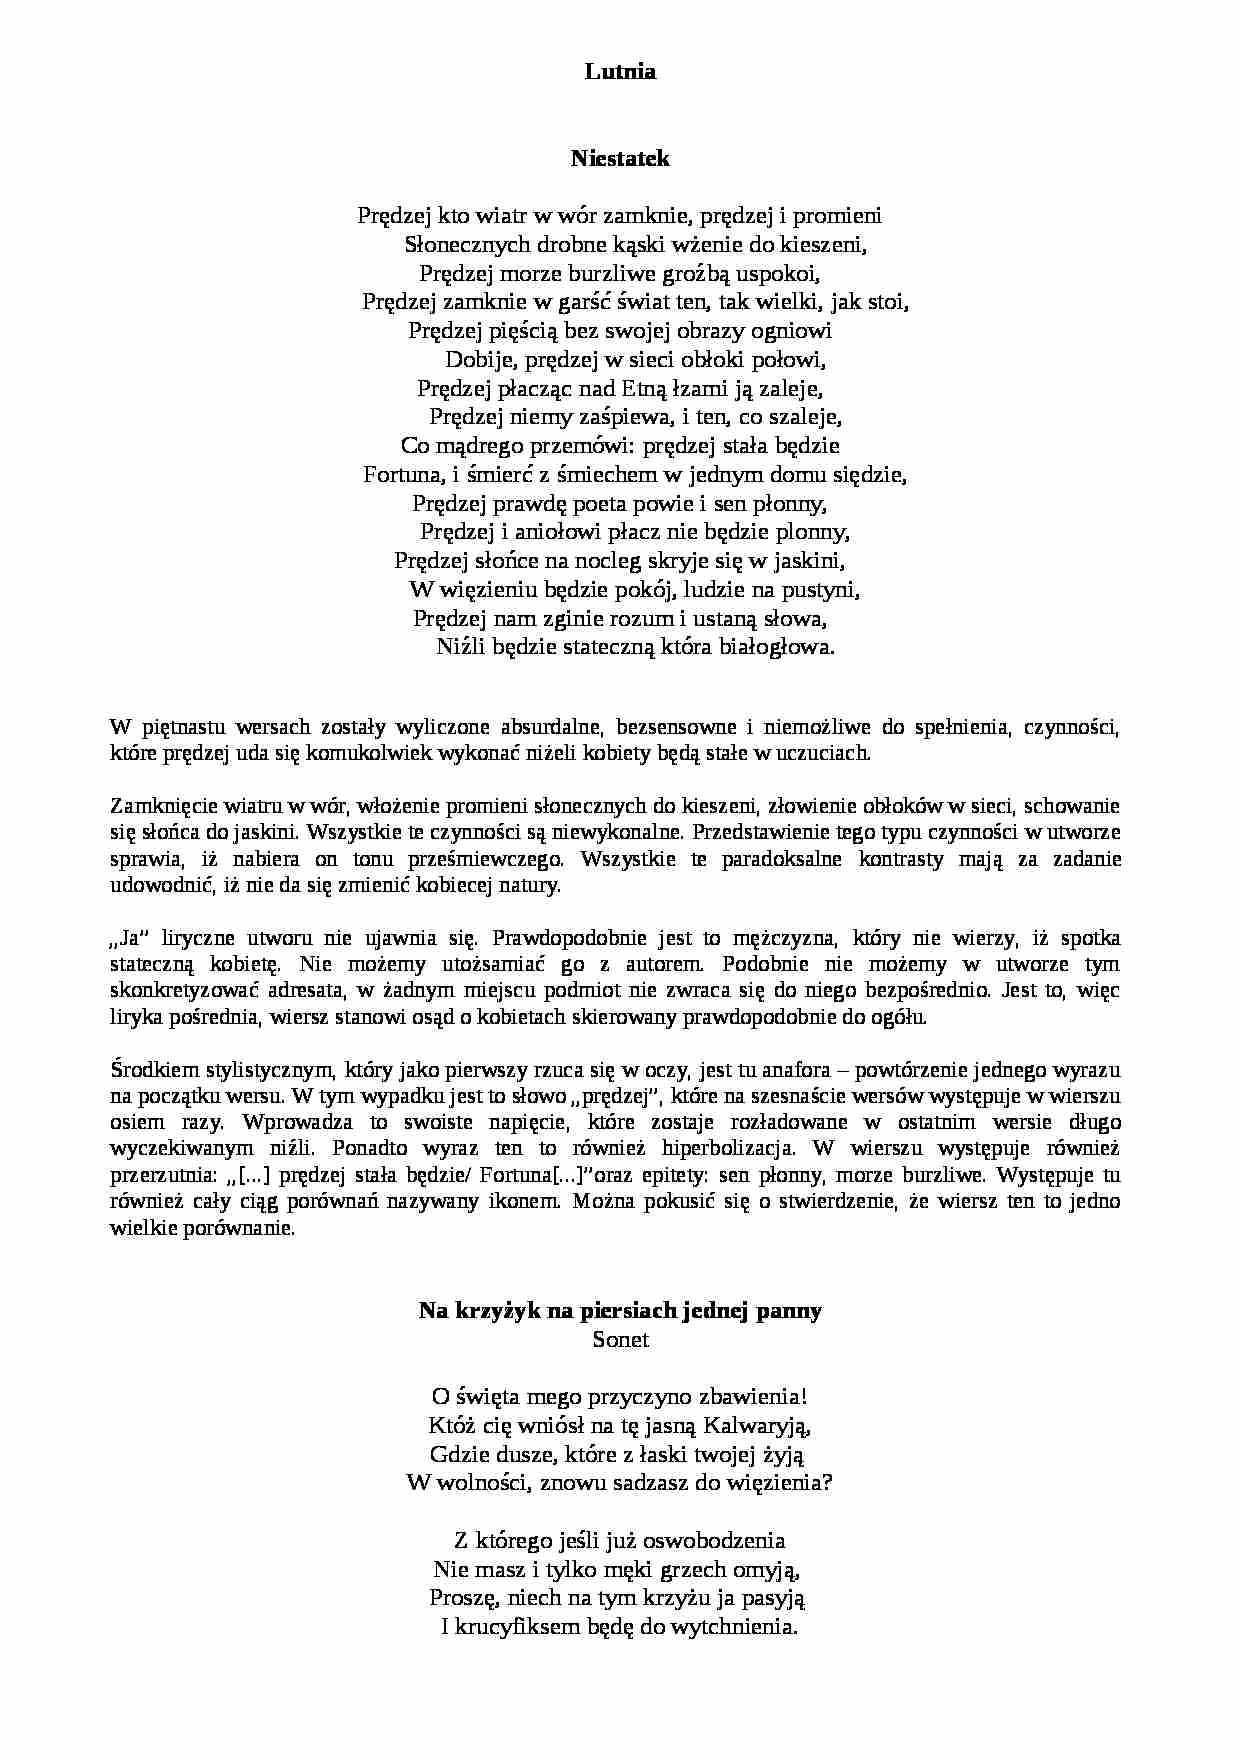 Jan Andrzej Morsztyn Lutnia Notatekpl